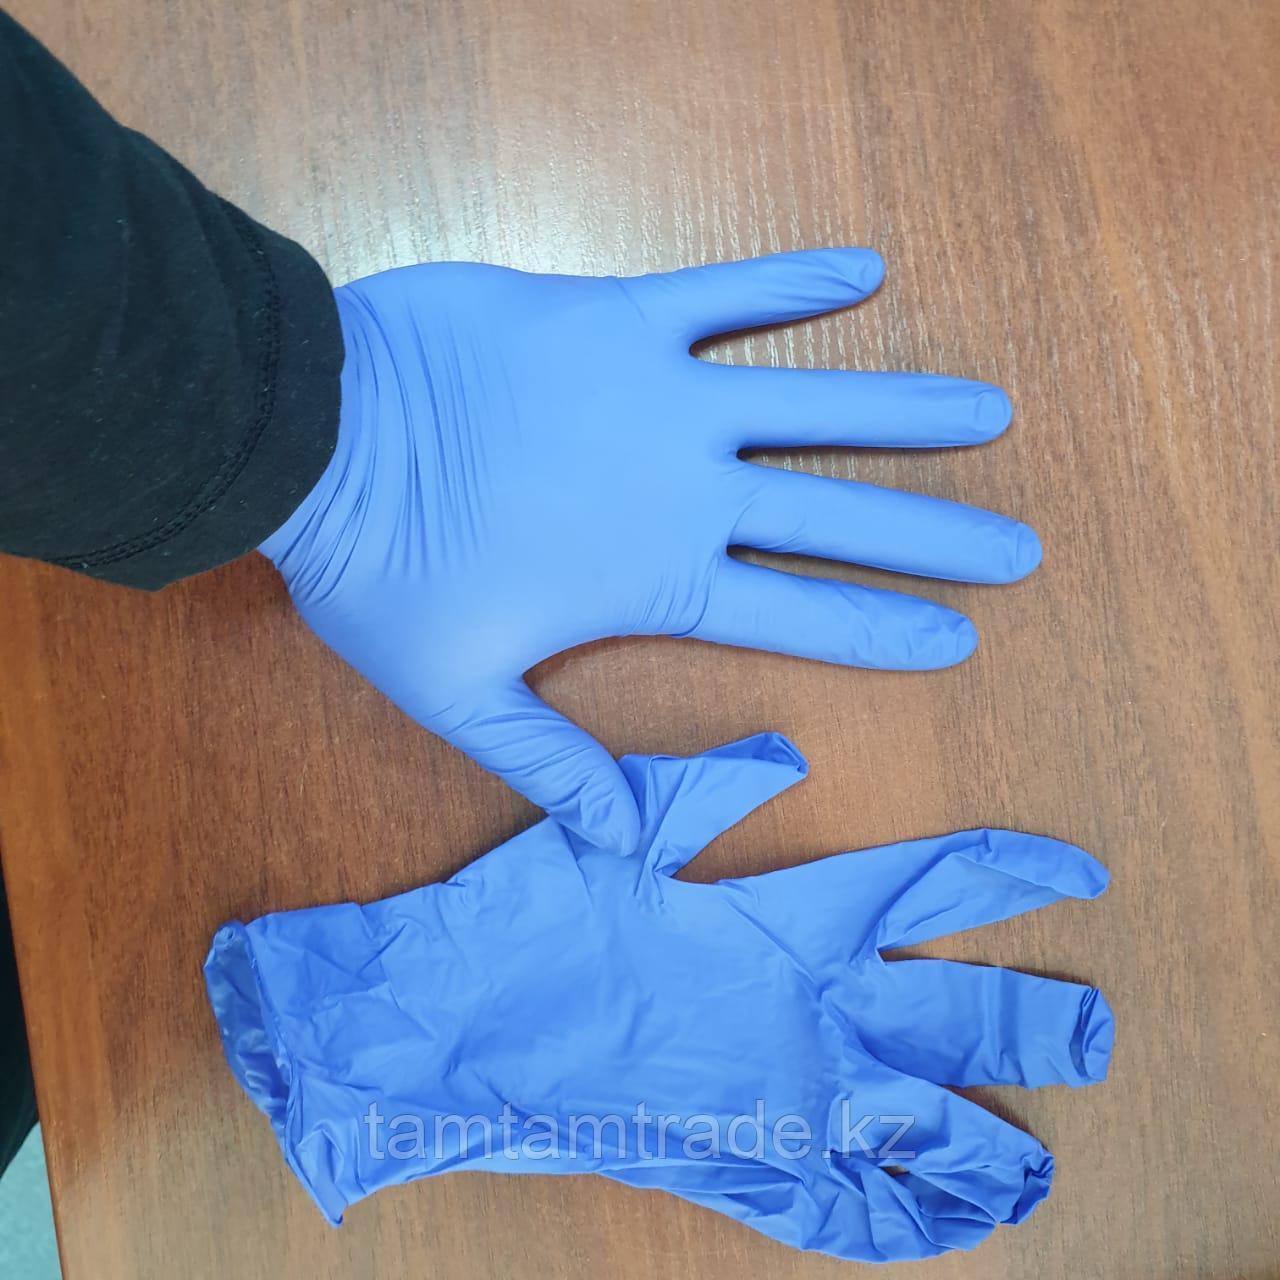 Перчатки диагностические нитриловые